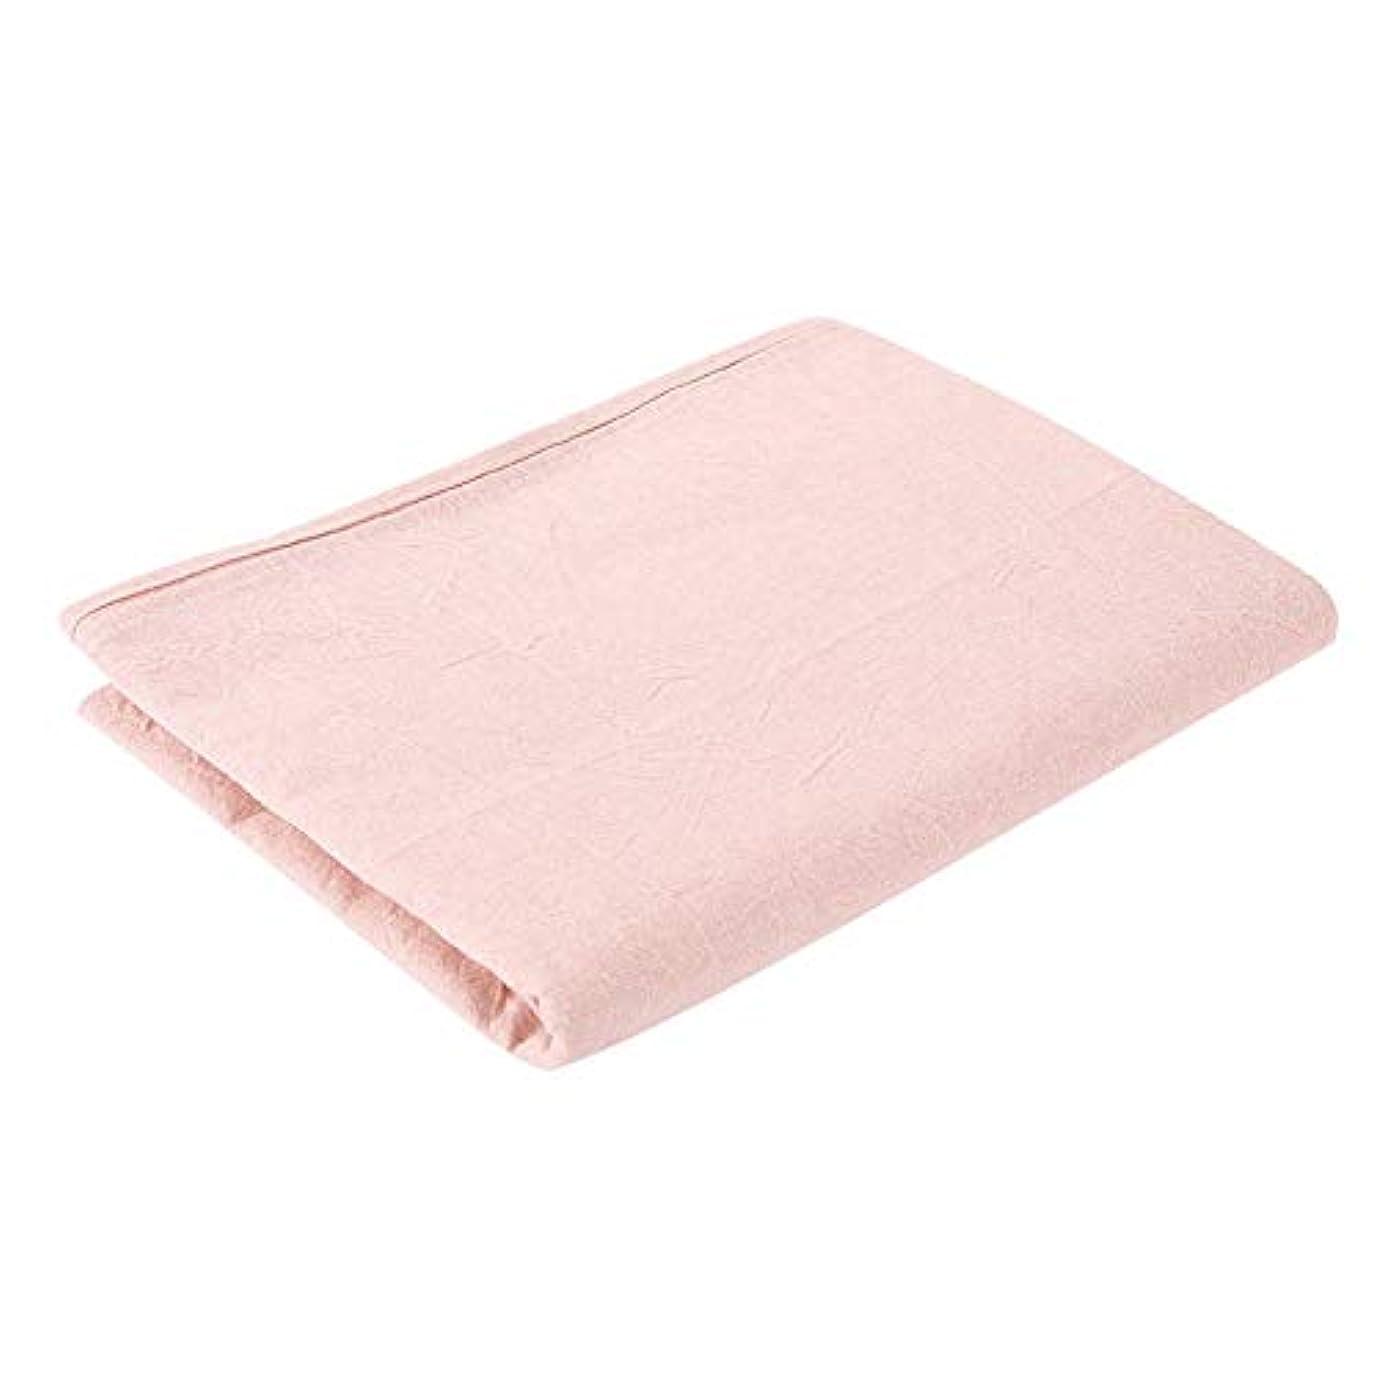 士気害今晩通気性のある 穴が付いている 8色 美容院 マッサージ 鉱泉 ソファー 顔の呼吸穴が付いている カバー 柔らかい 綿 ベッド カバー(07)